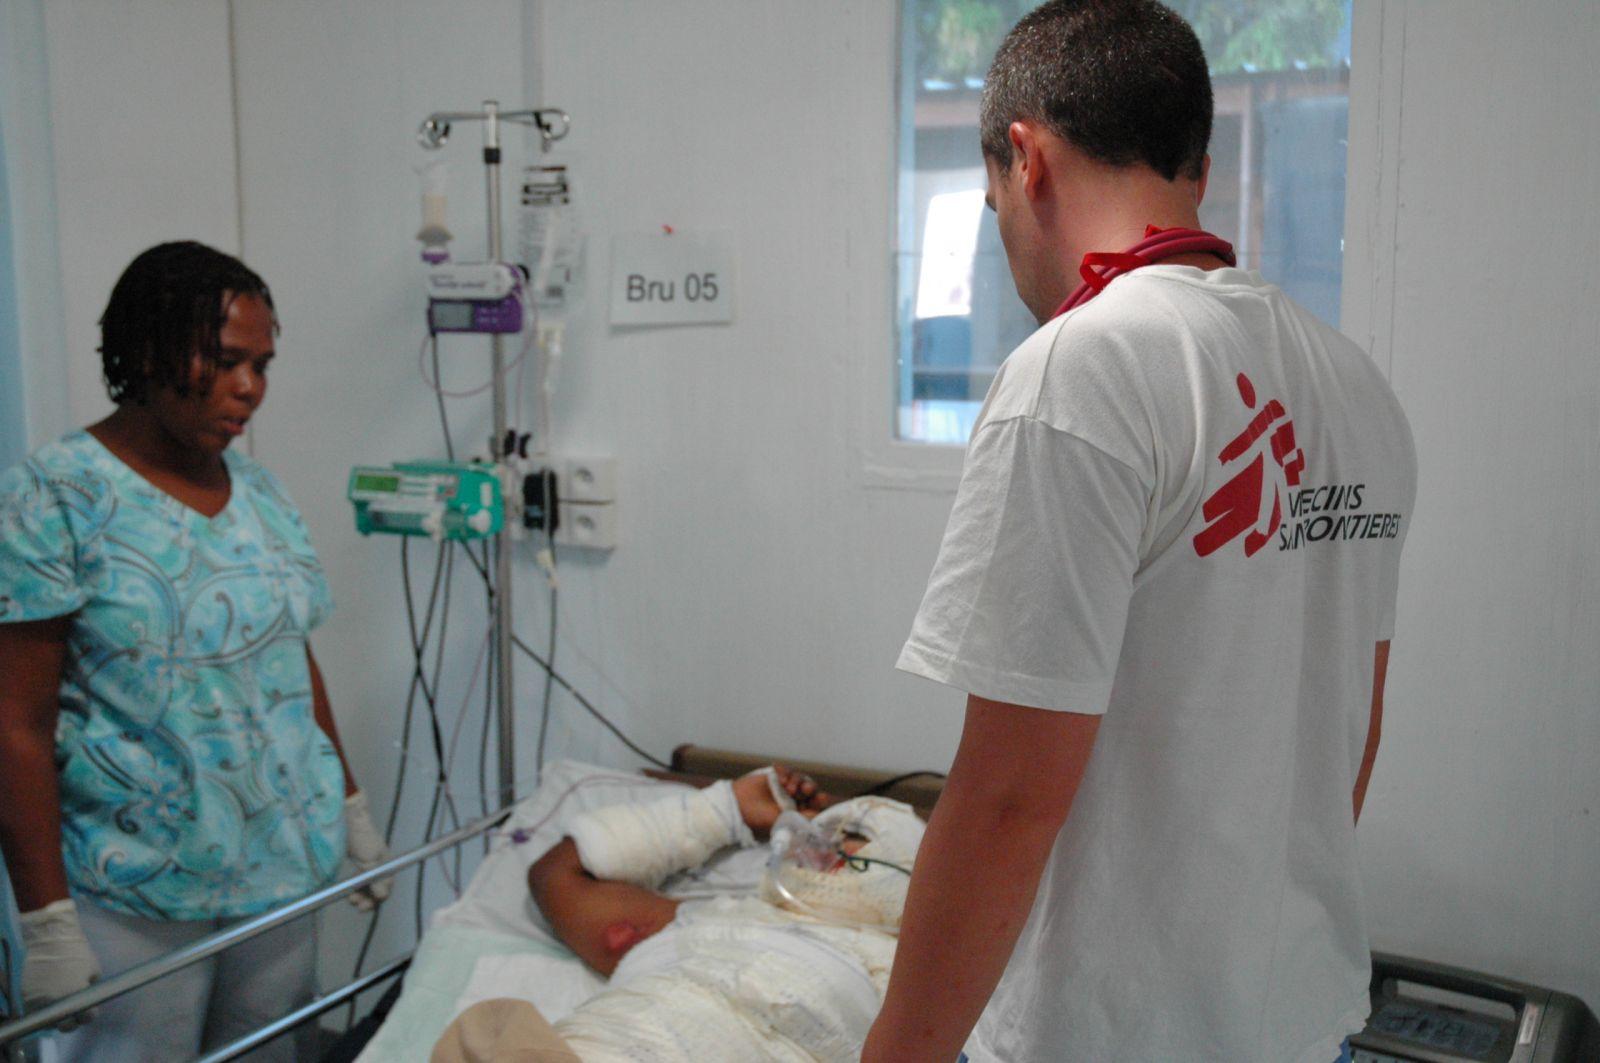 Haïti : 24h avec Alexandre, médecin | Médecins sans frontières on